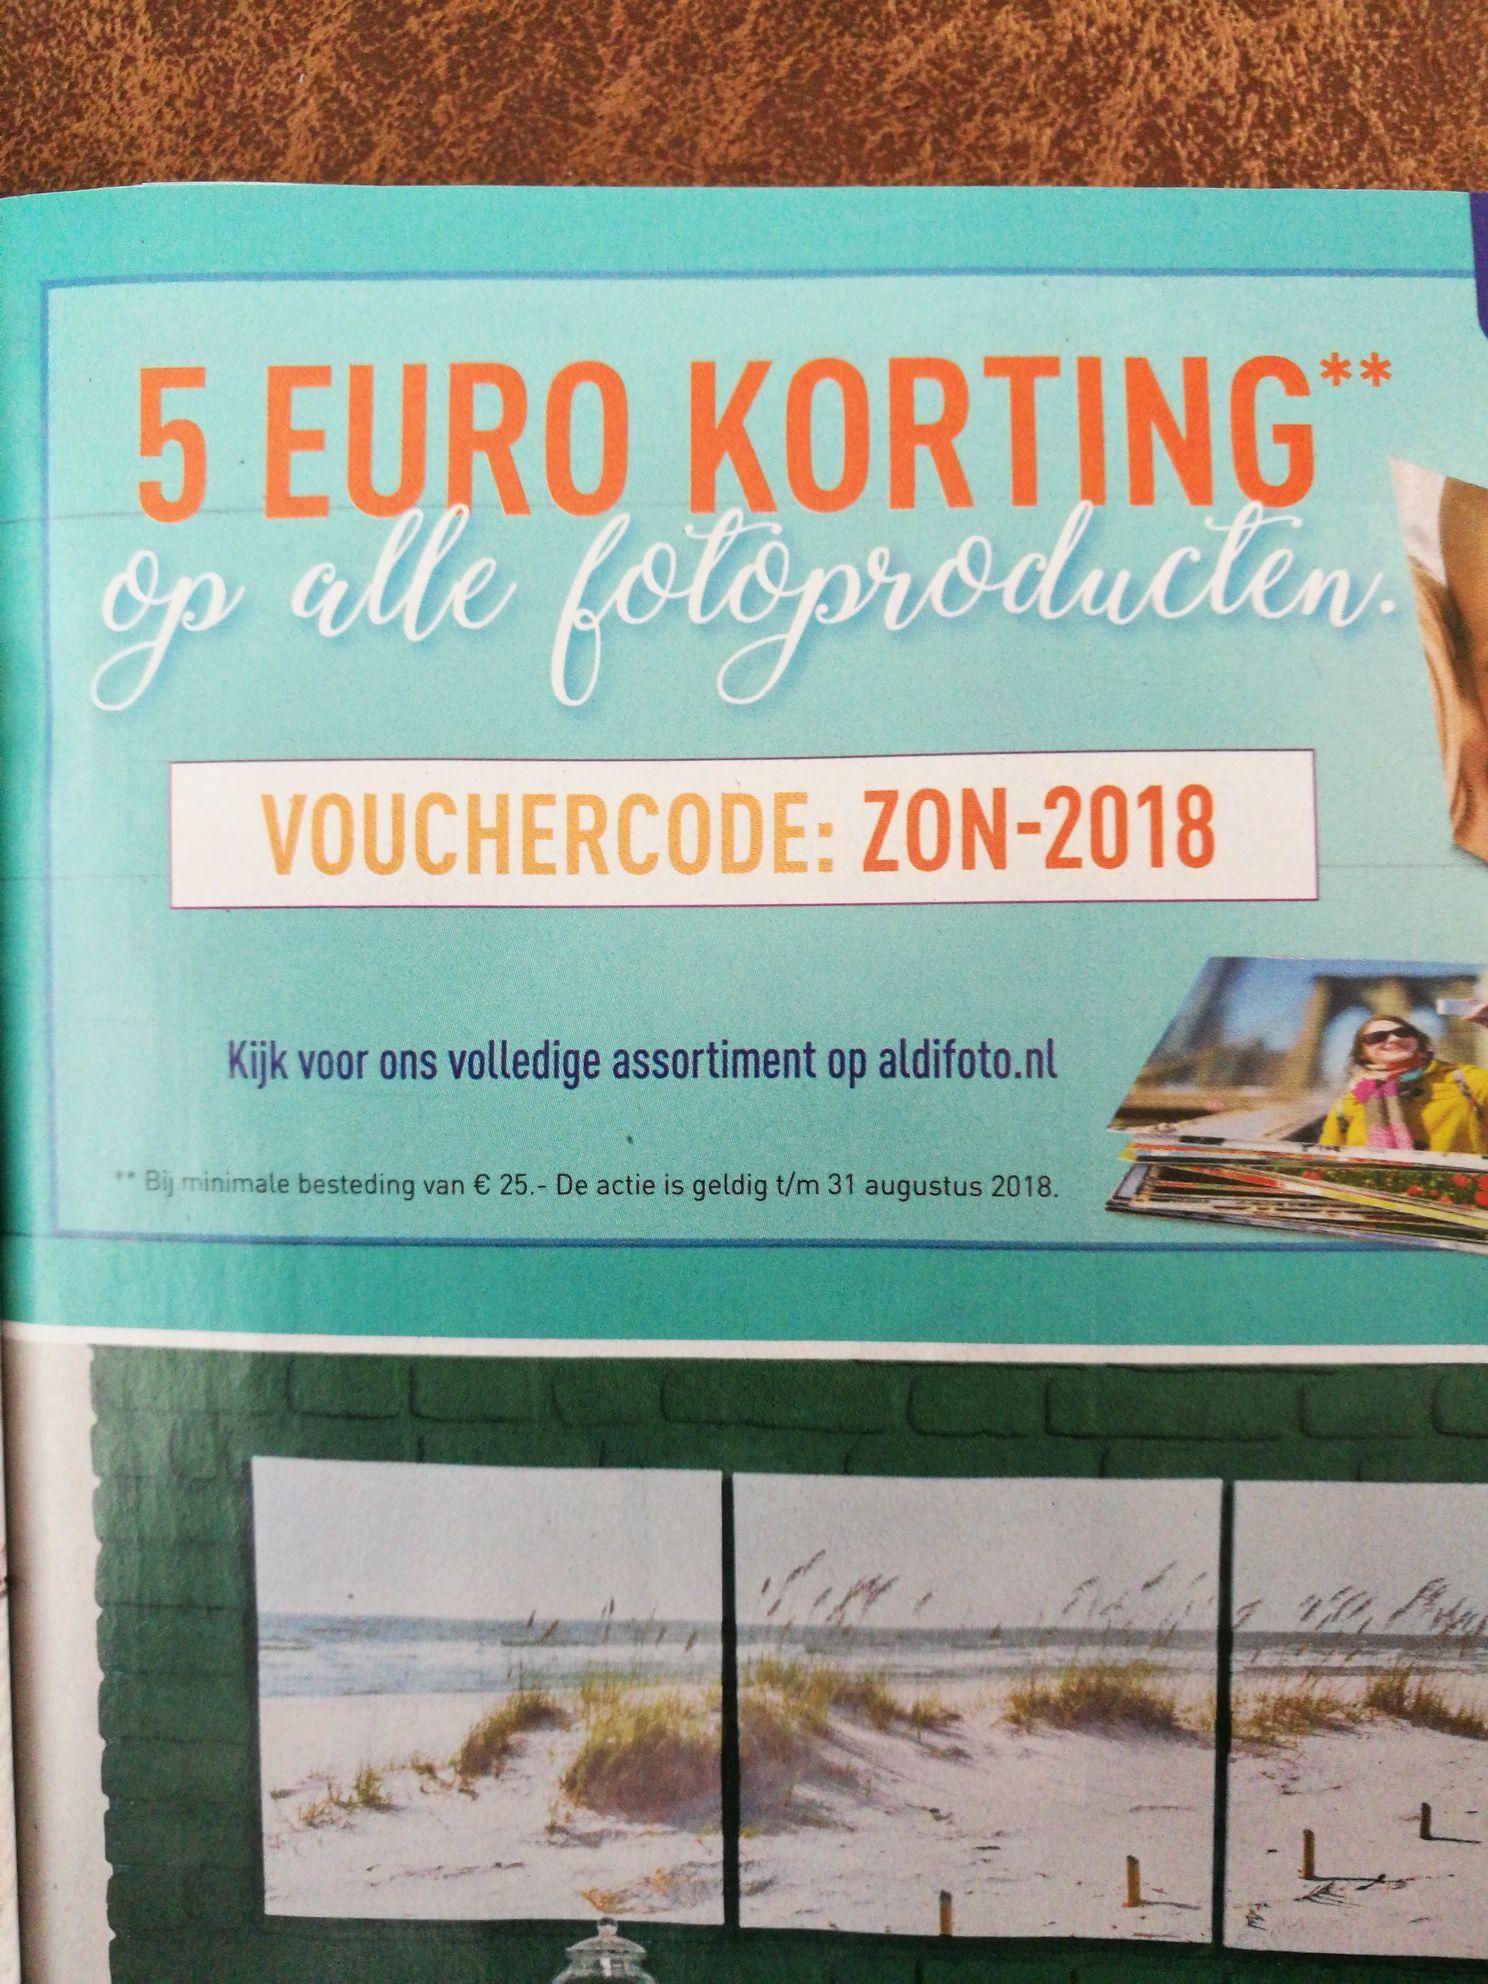 Vanaf 26-7  5 euro korting bij besteding van€ 25,- op Aldi foto producten